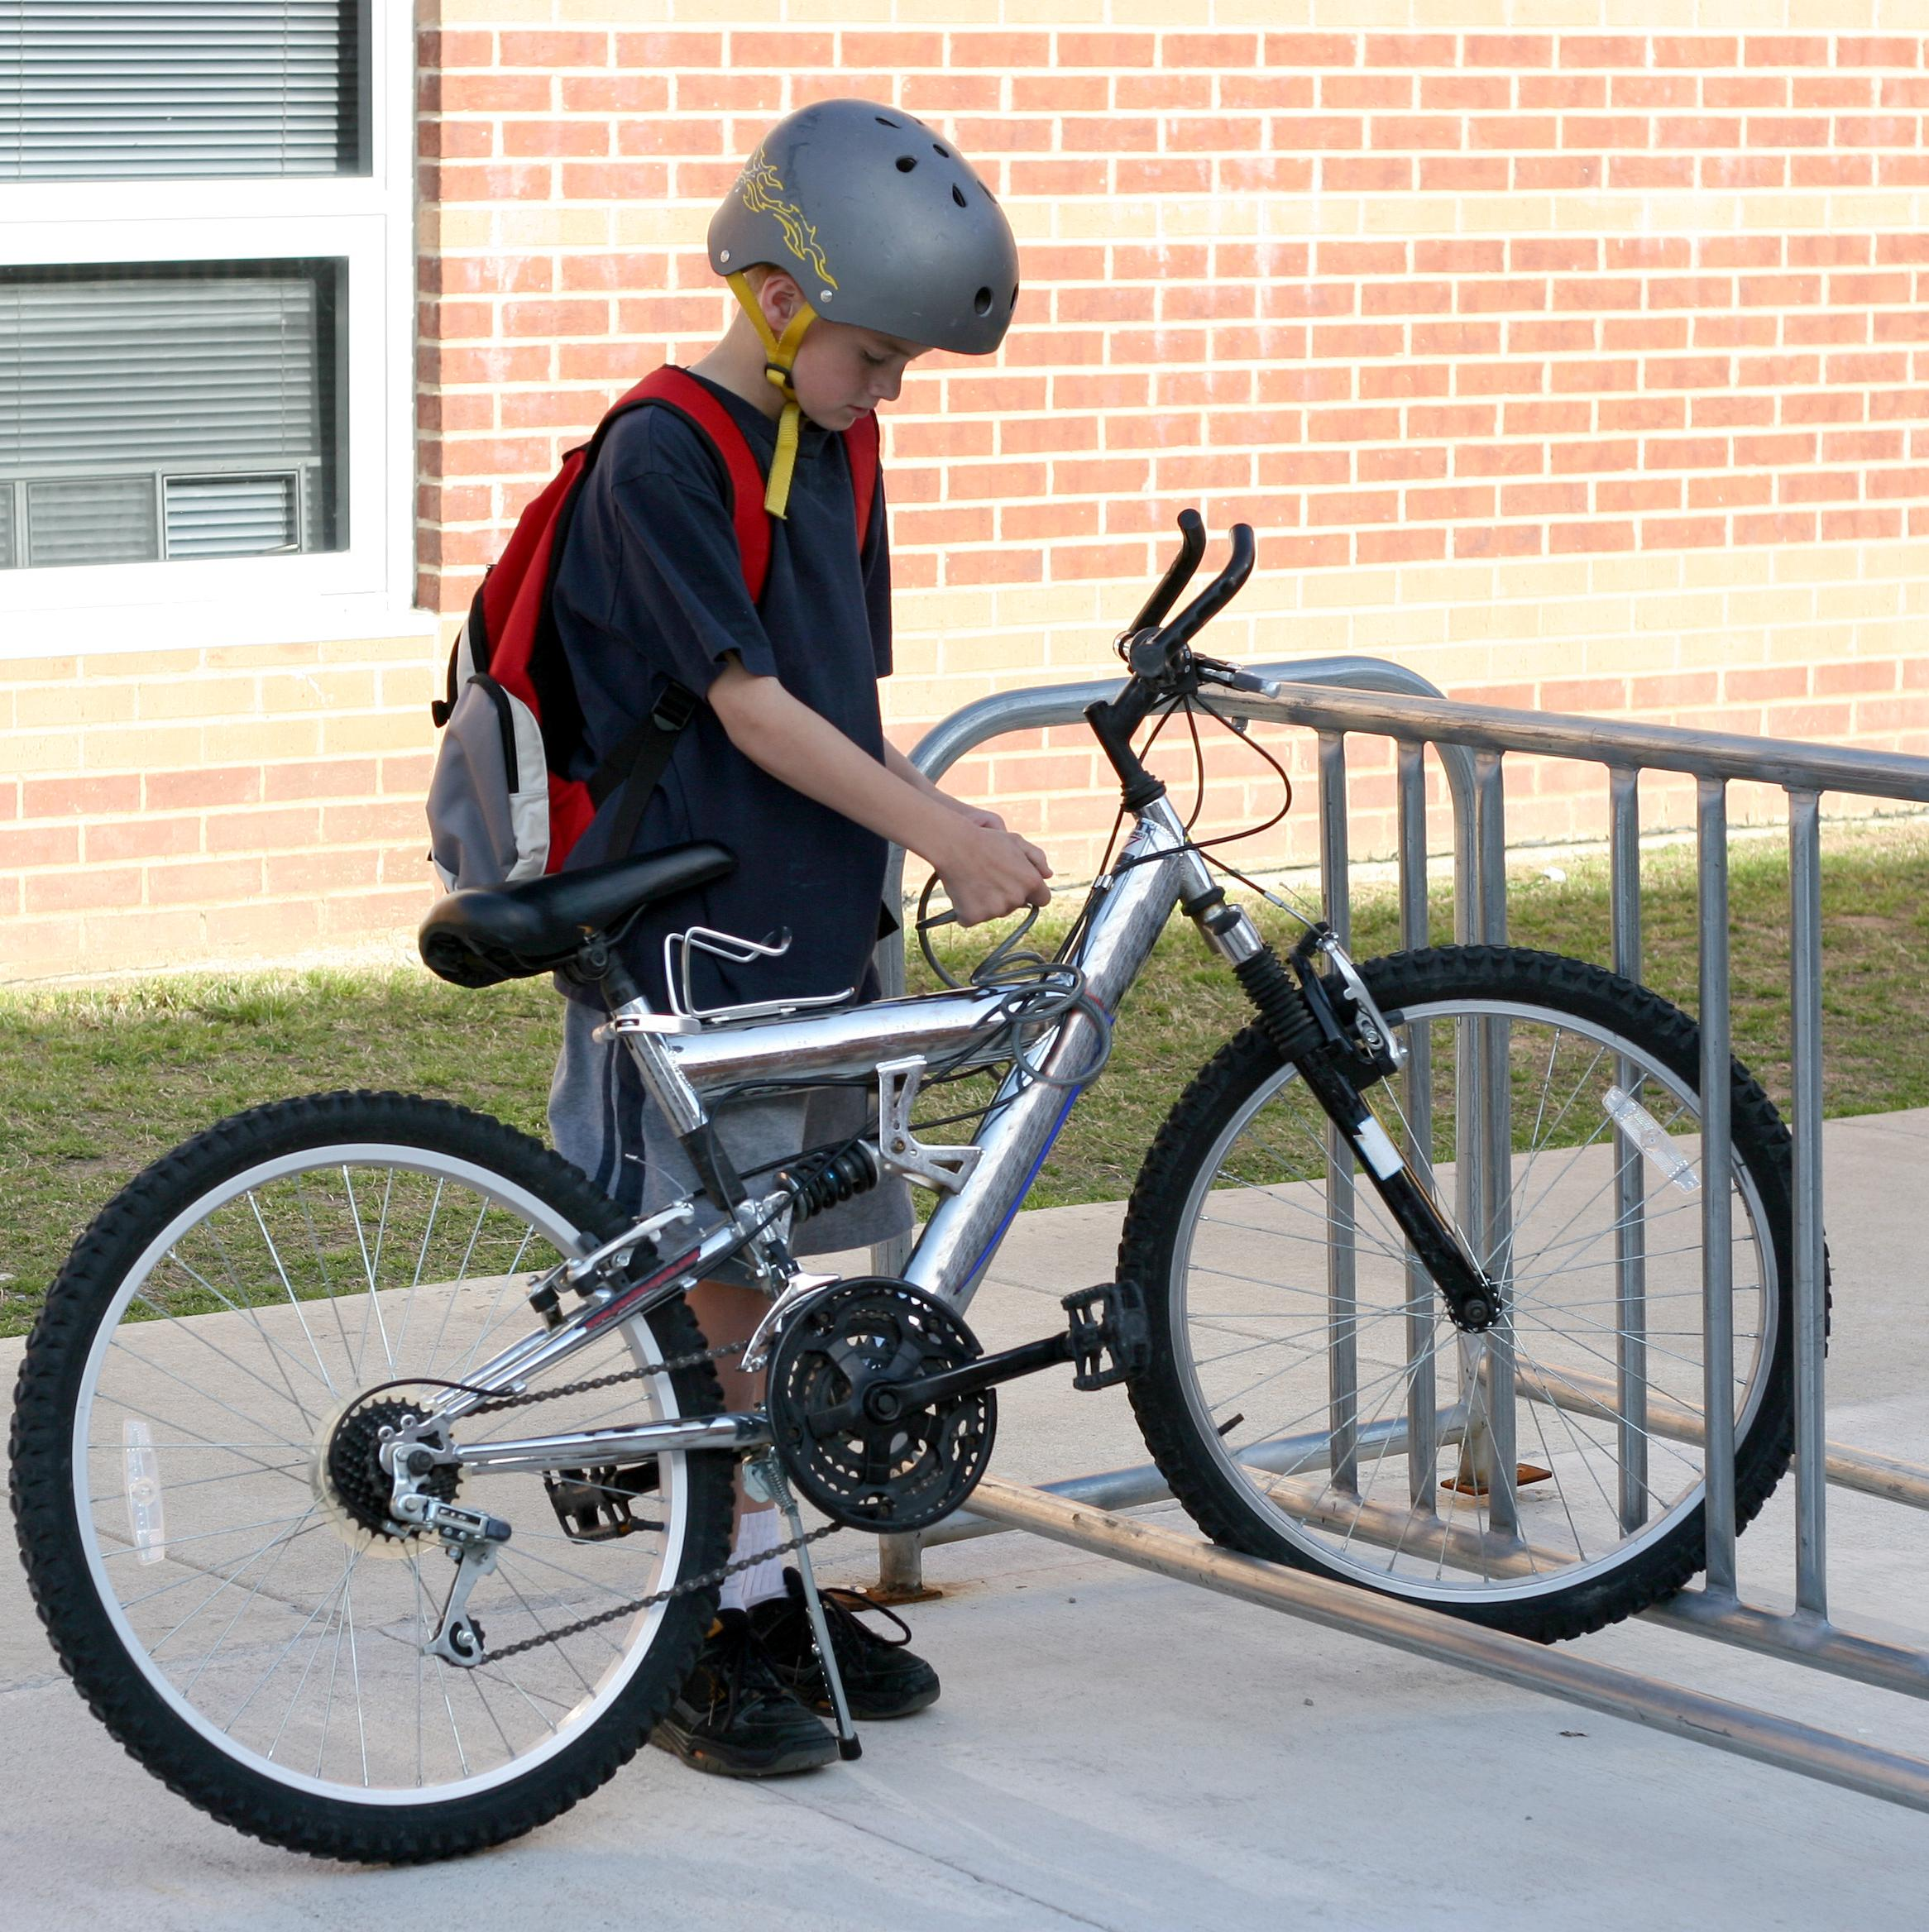 Attitude Prévention Pour Enfants Vélo Equipements Les À OiuTwXkPZ